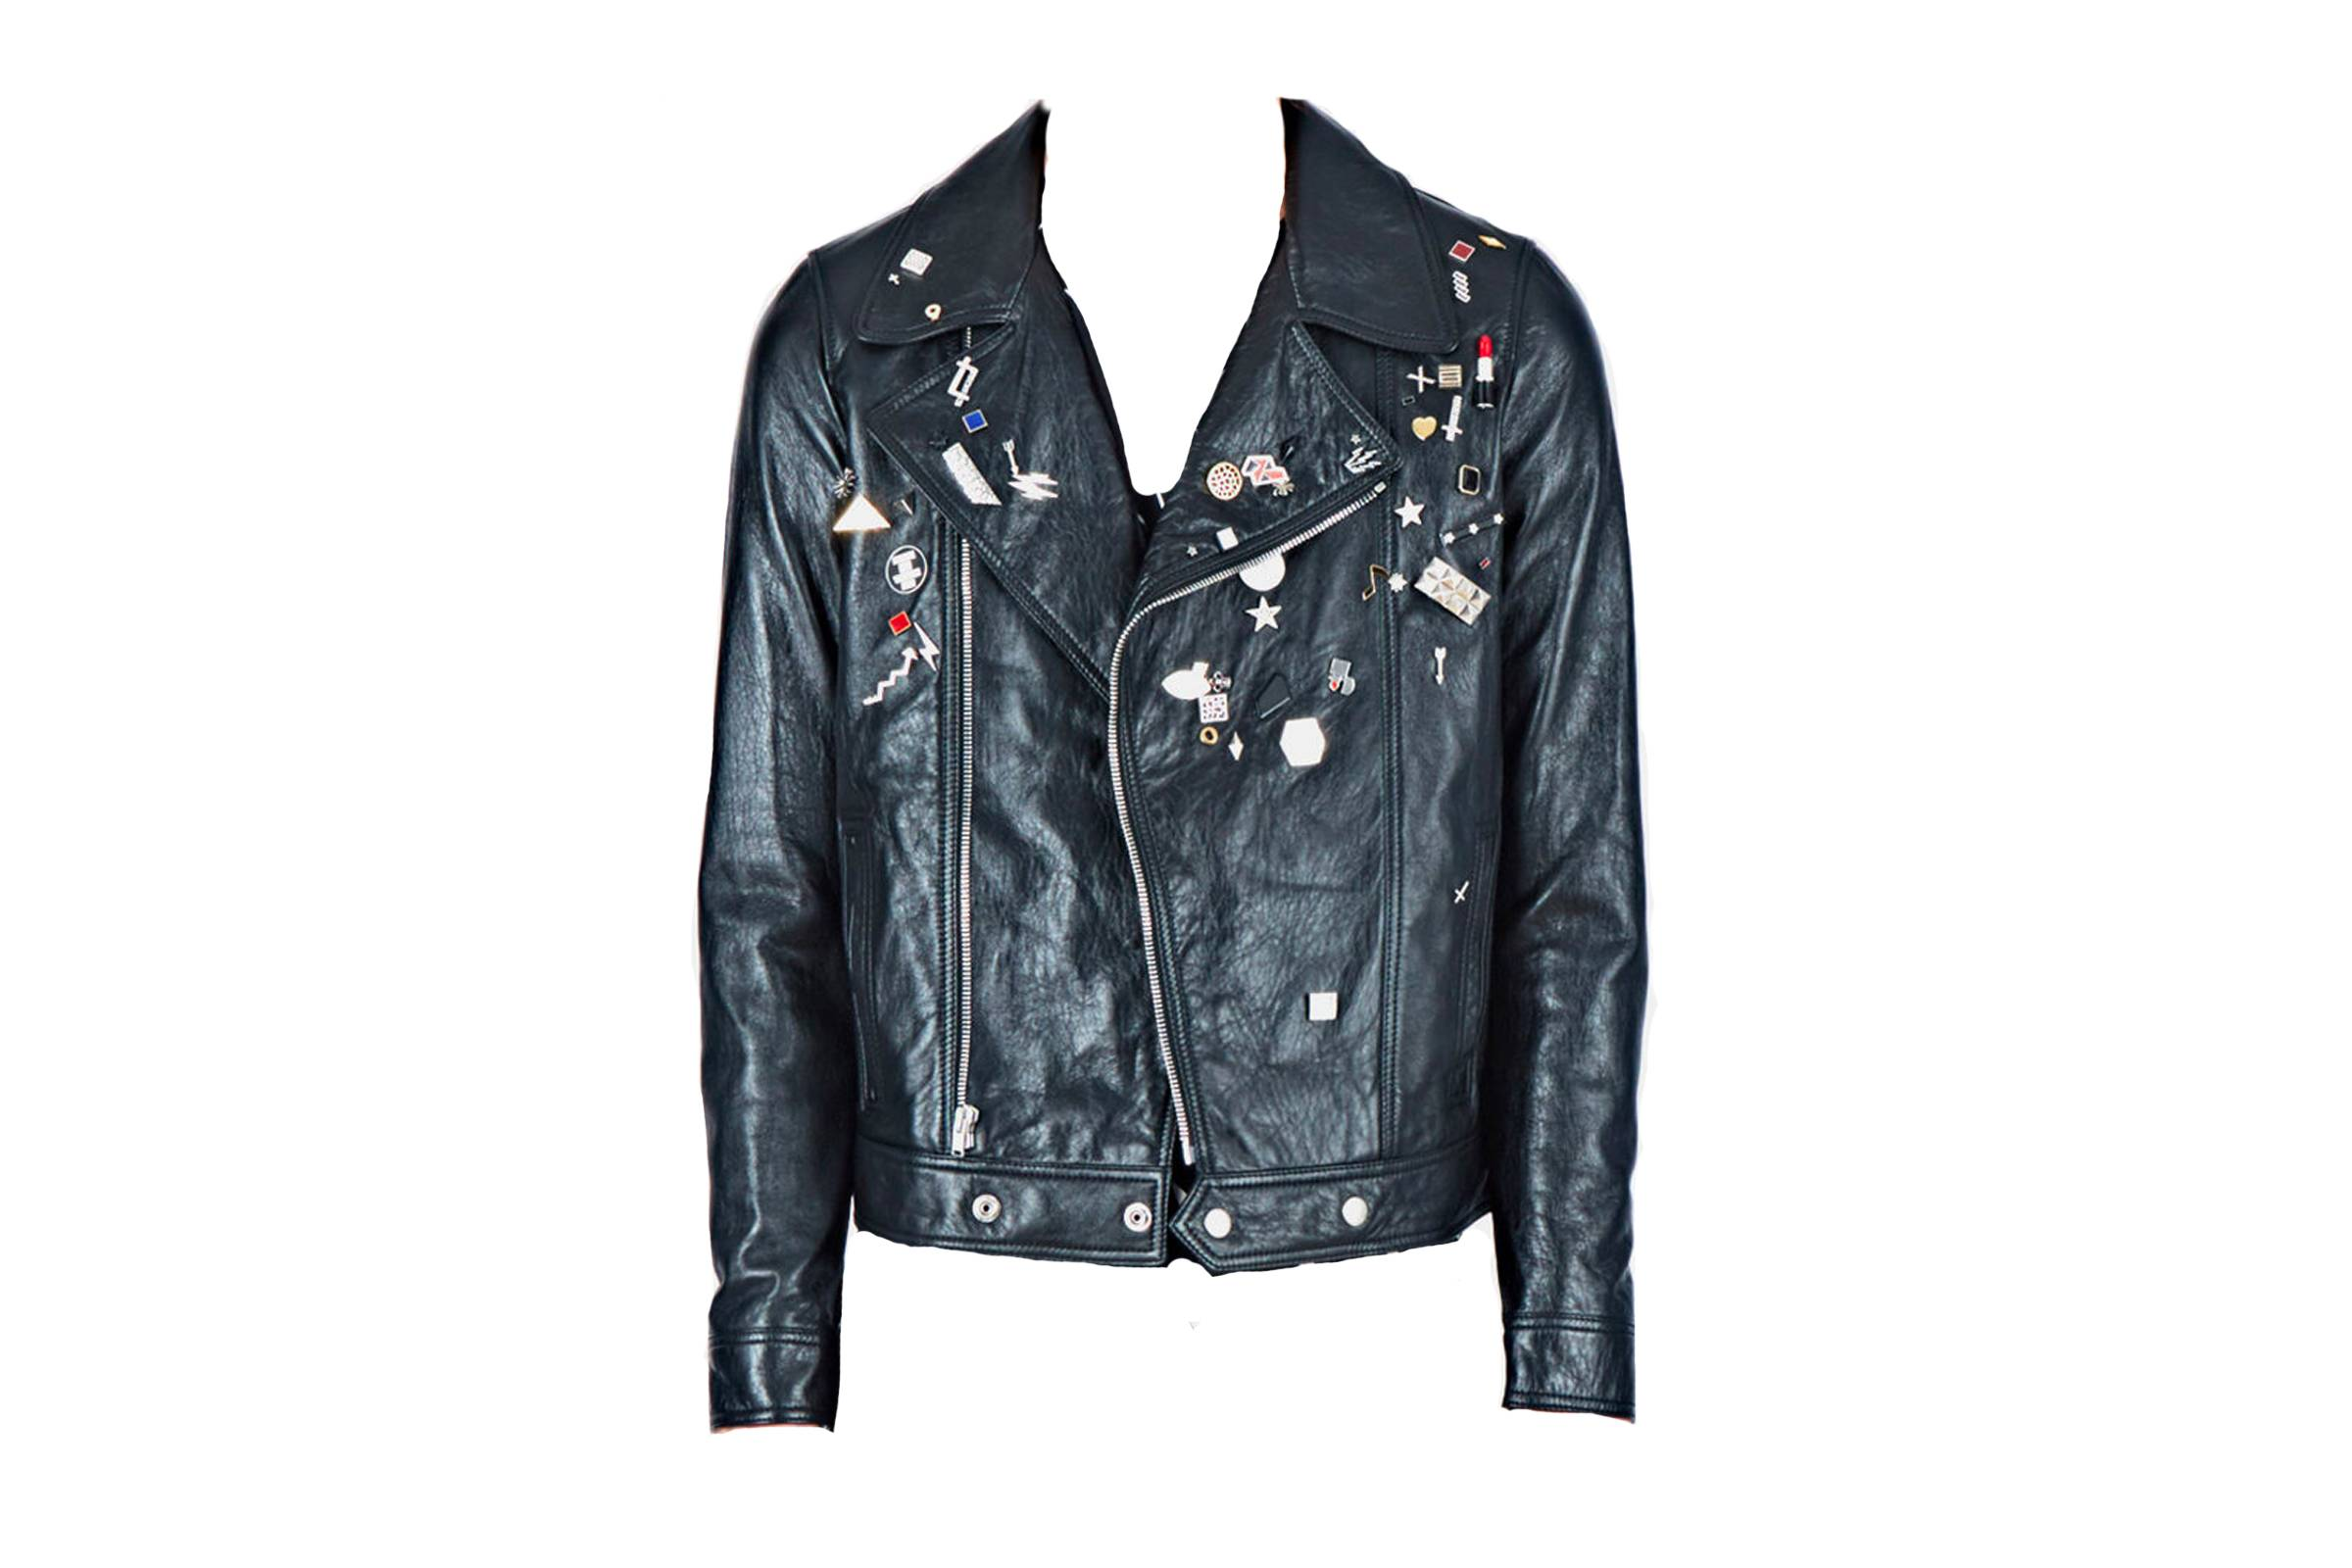 Saint Laurent Paris Leather Jacket with Pins